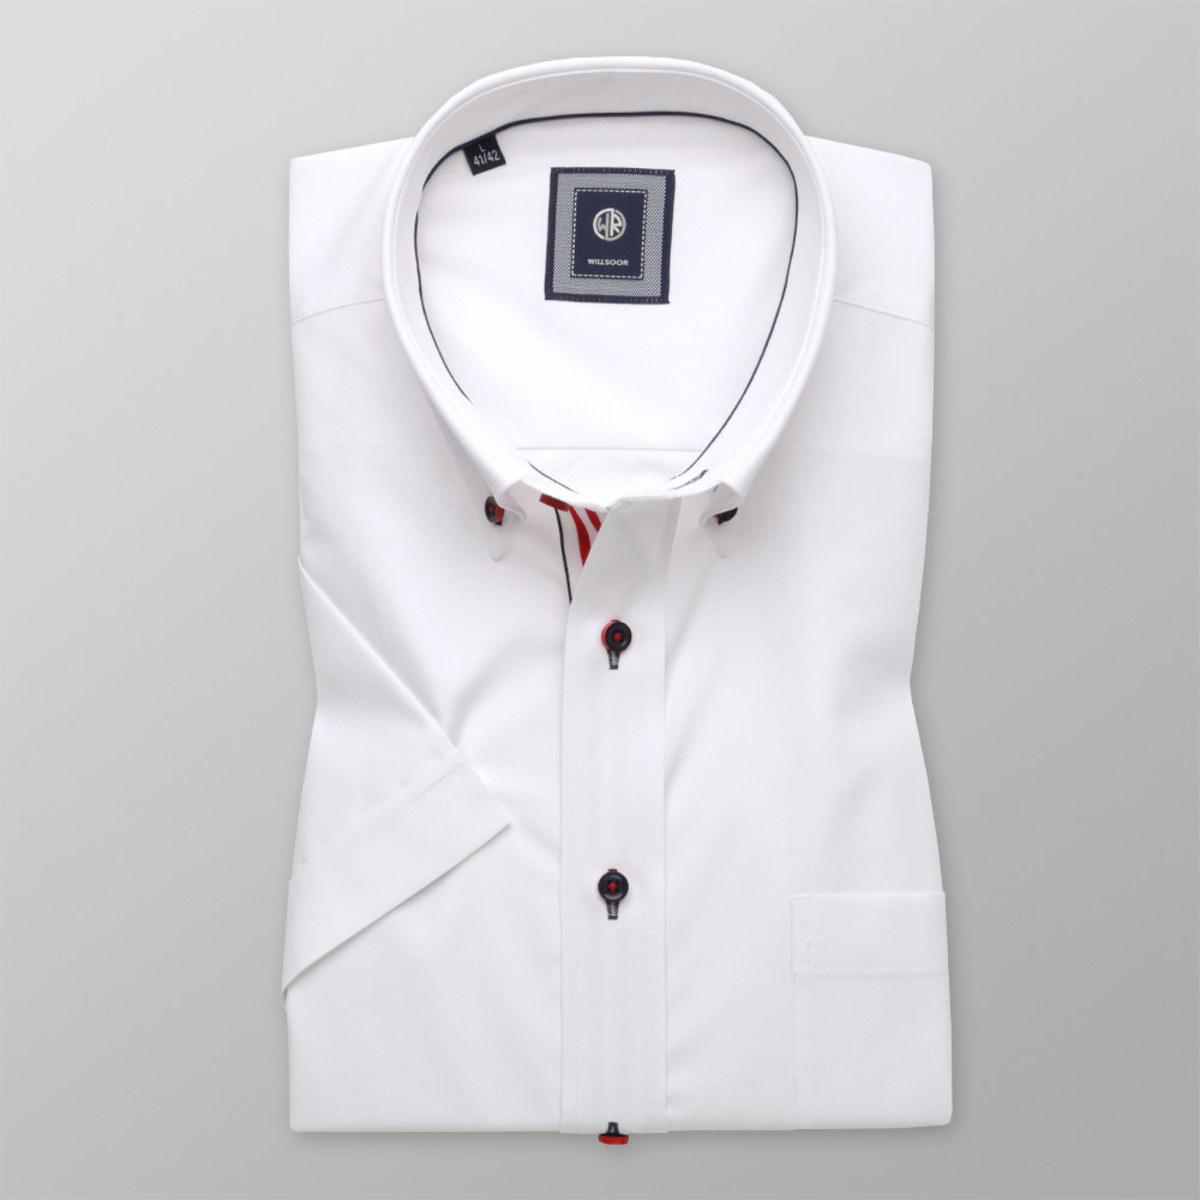 Košeľa klasická biela s hladkým vzorom (výška 176 - 182) 10760 176-182 / L (41/42)